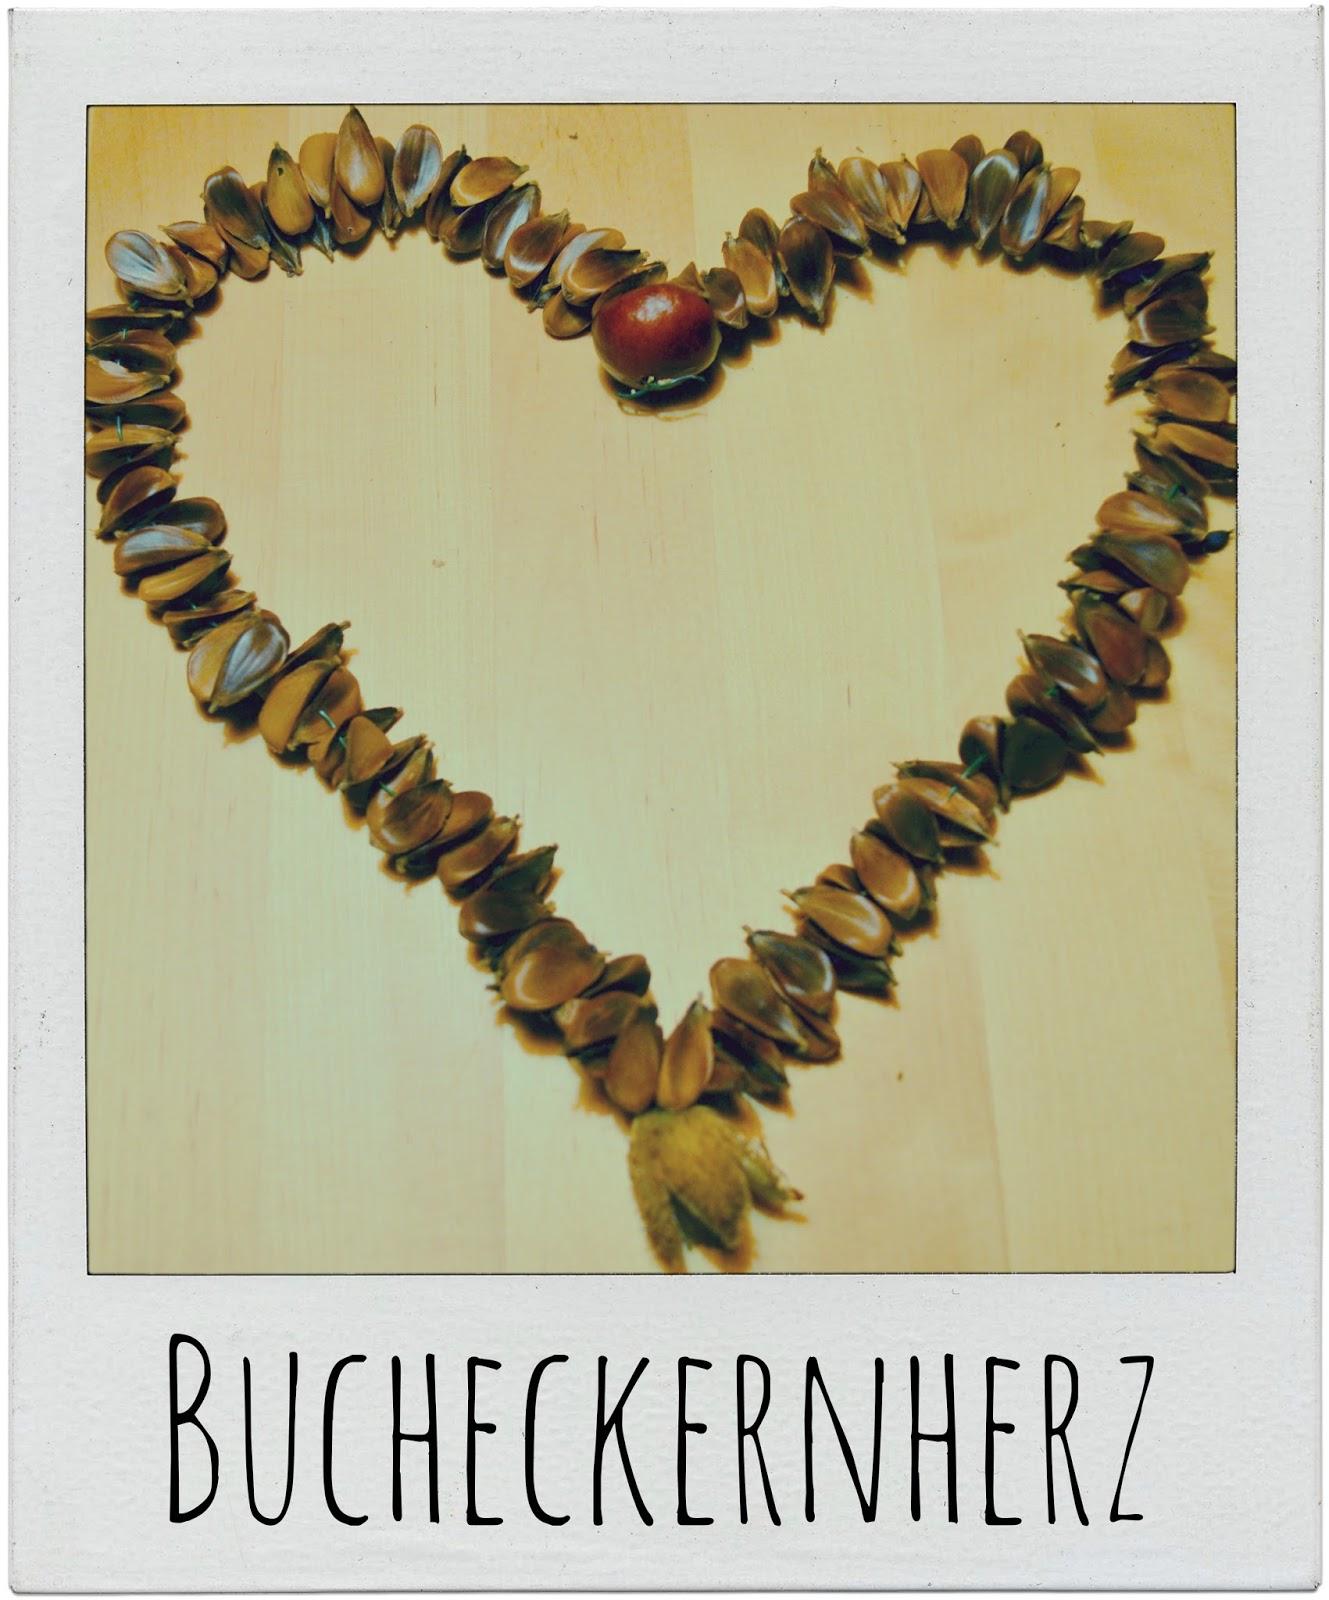 http://gemachtesundgedachtes.blogspot.de/2013/10/selbstgemacht-bucheckernherz.html